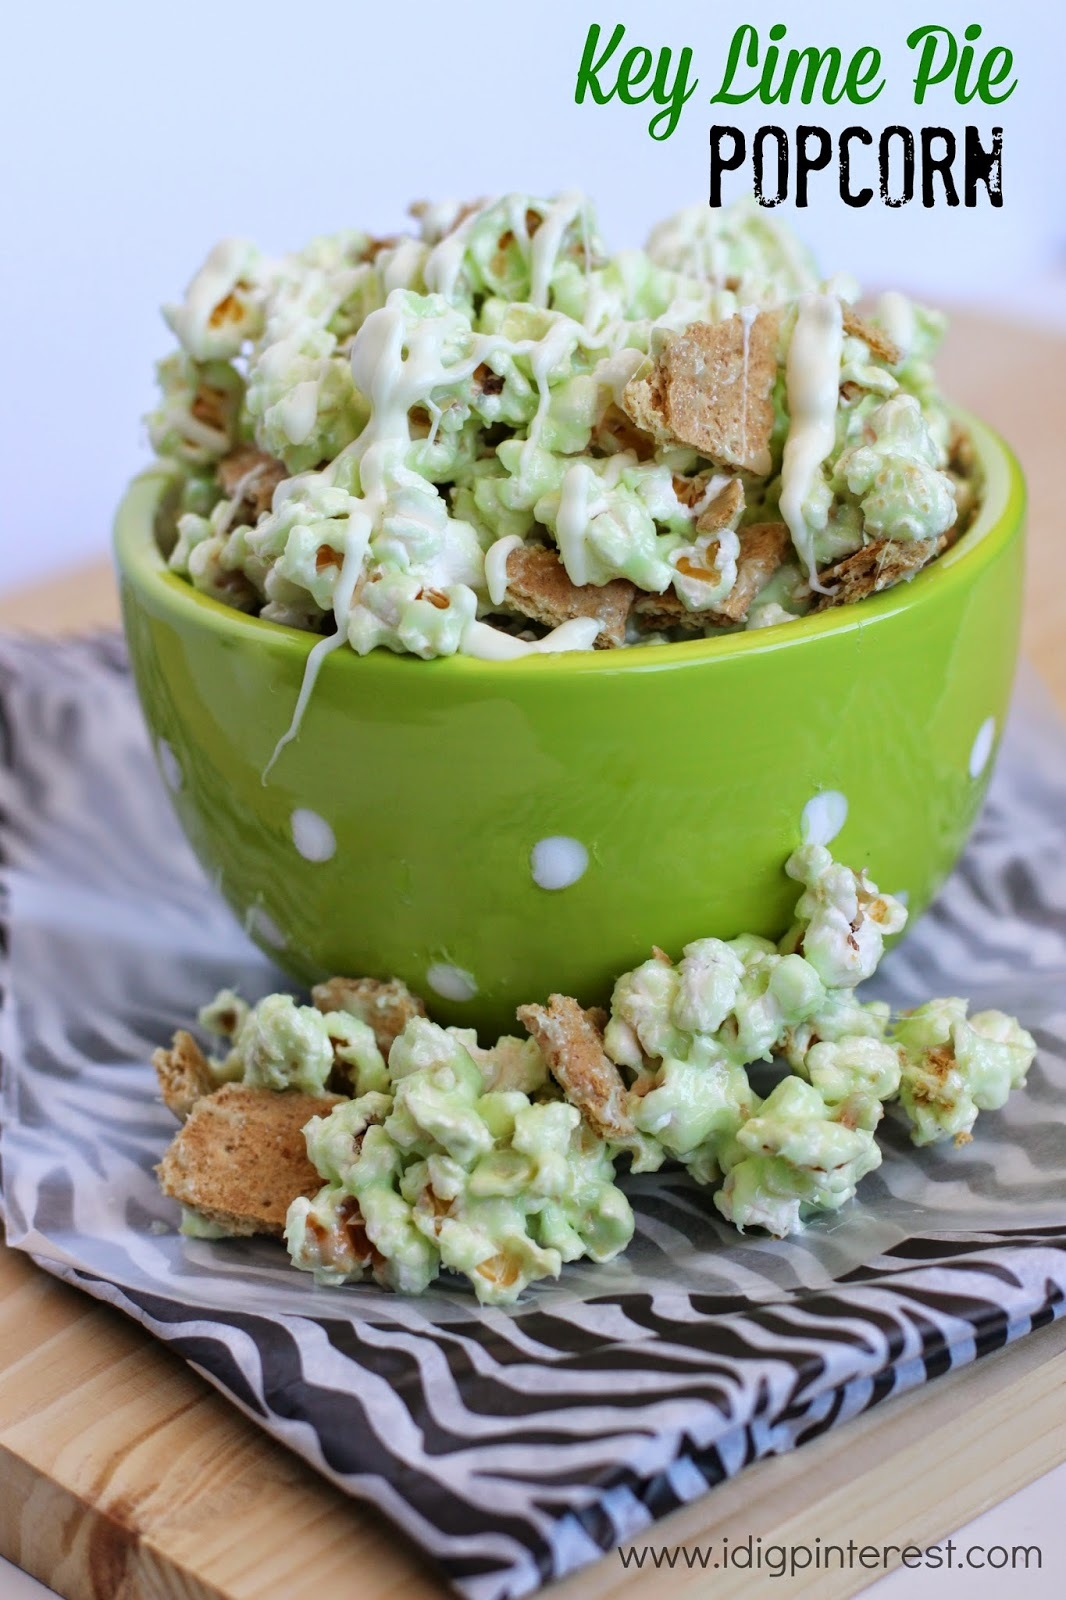 Key Lime Pie Popcorn: April Mystery Dish